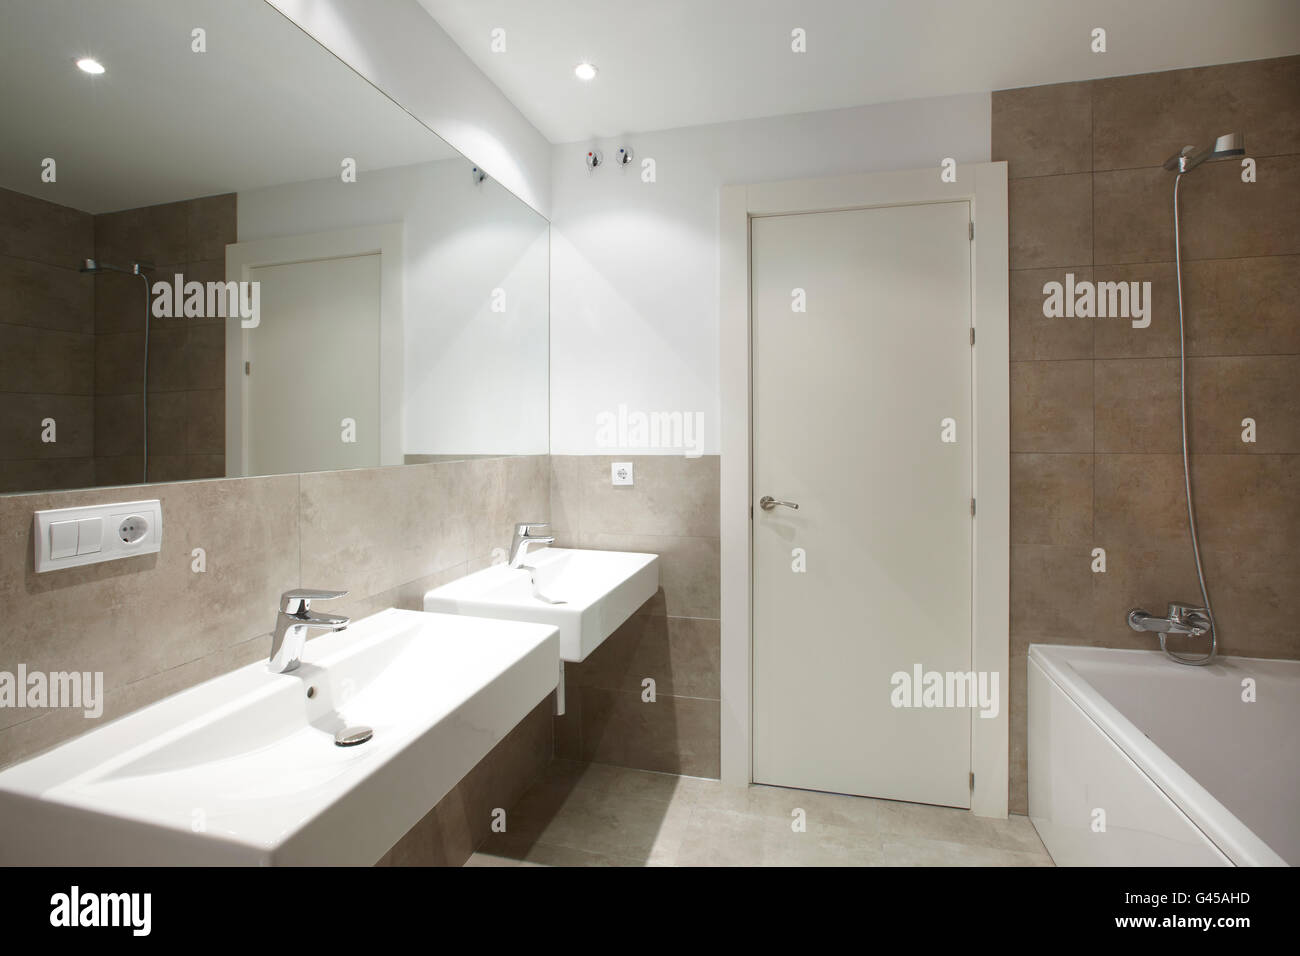 Bagno interno in marmo con pareti di colore marrone formato